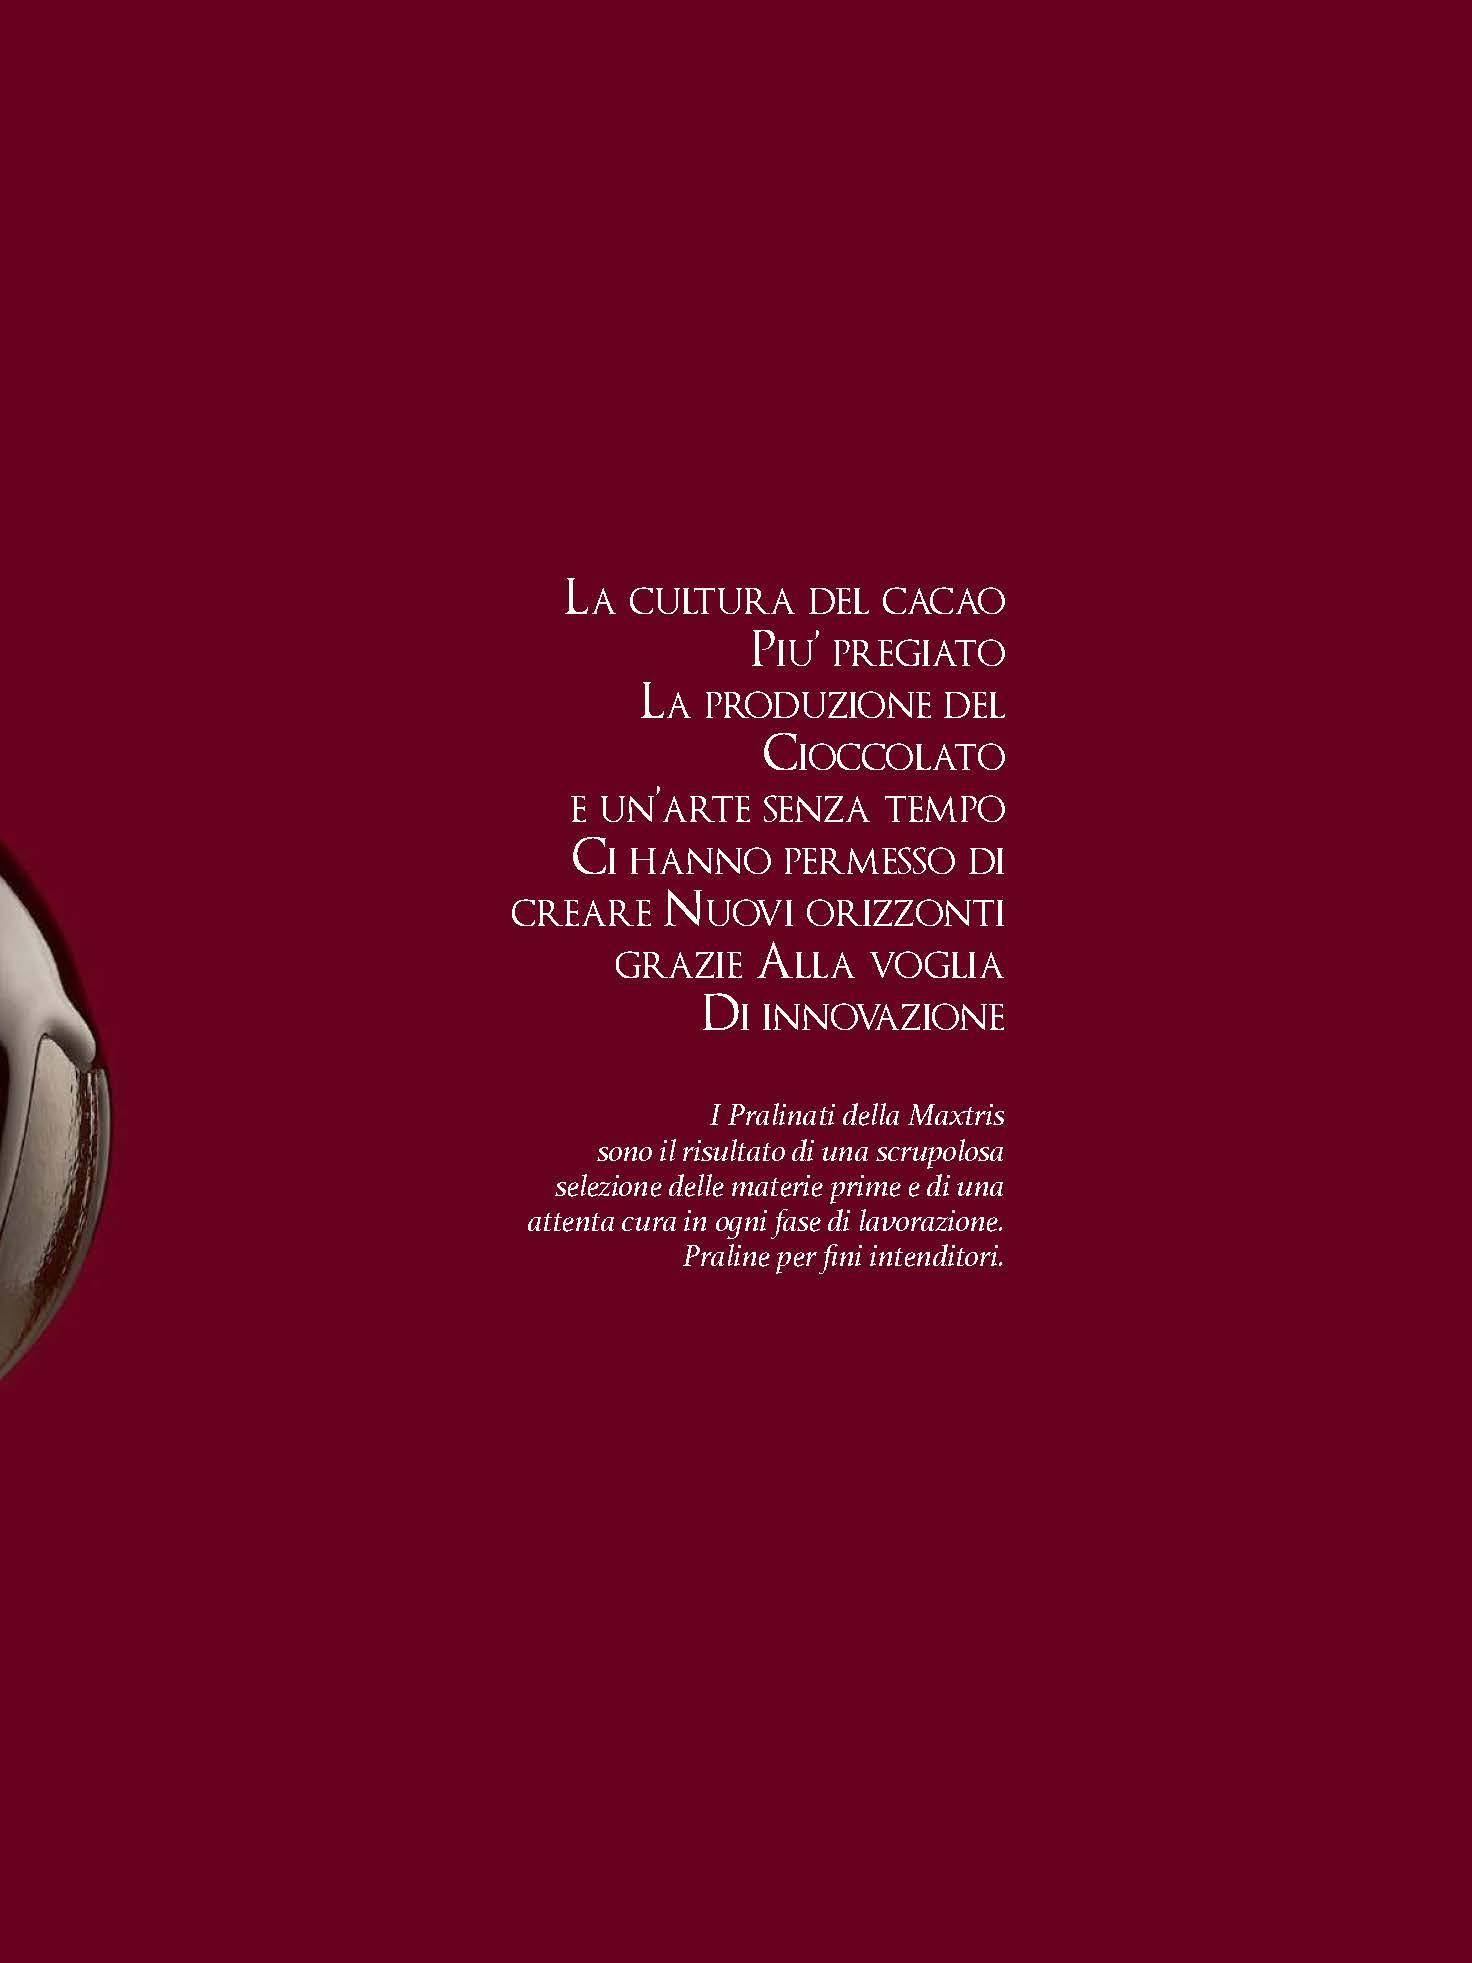 CatalogoCioccolato2019_web_Pagina_22